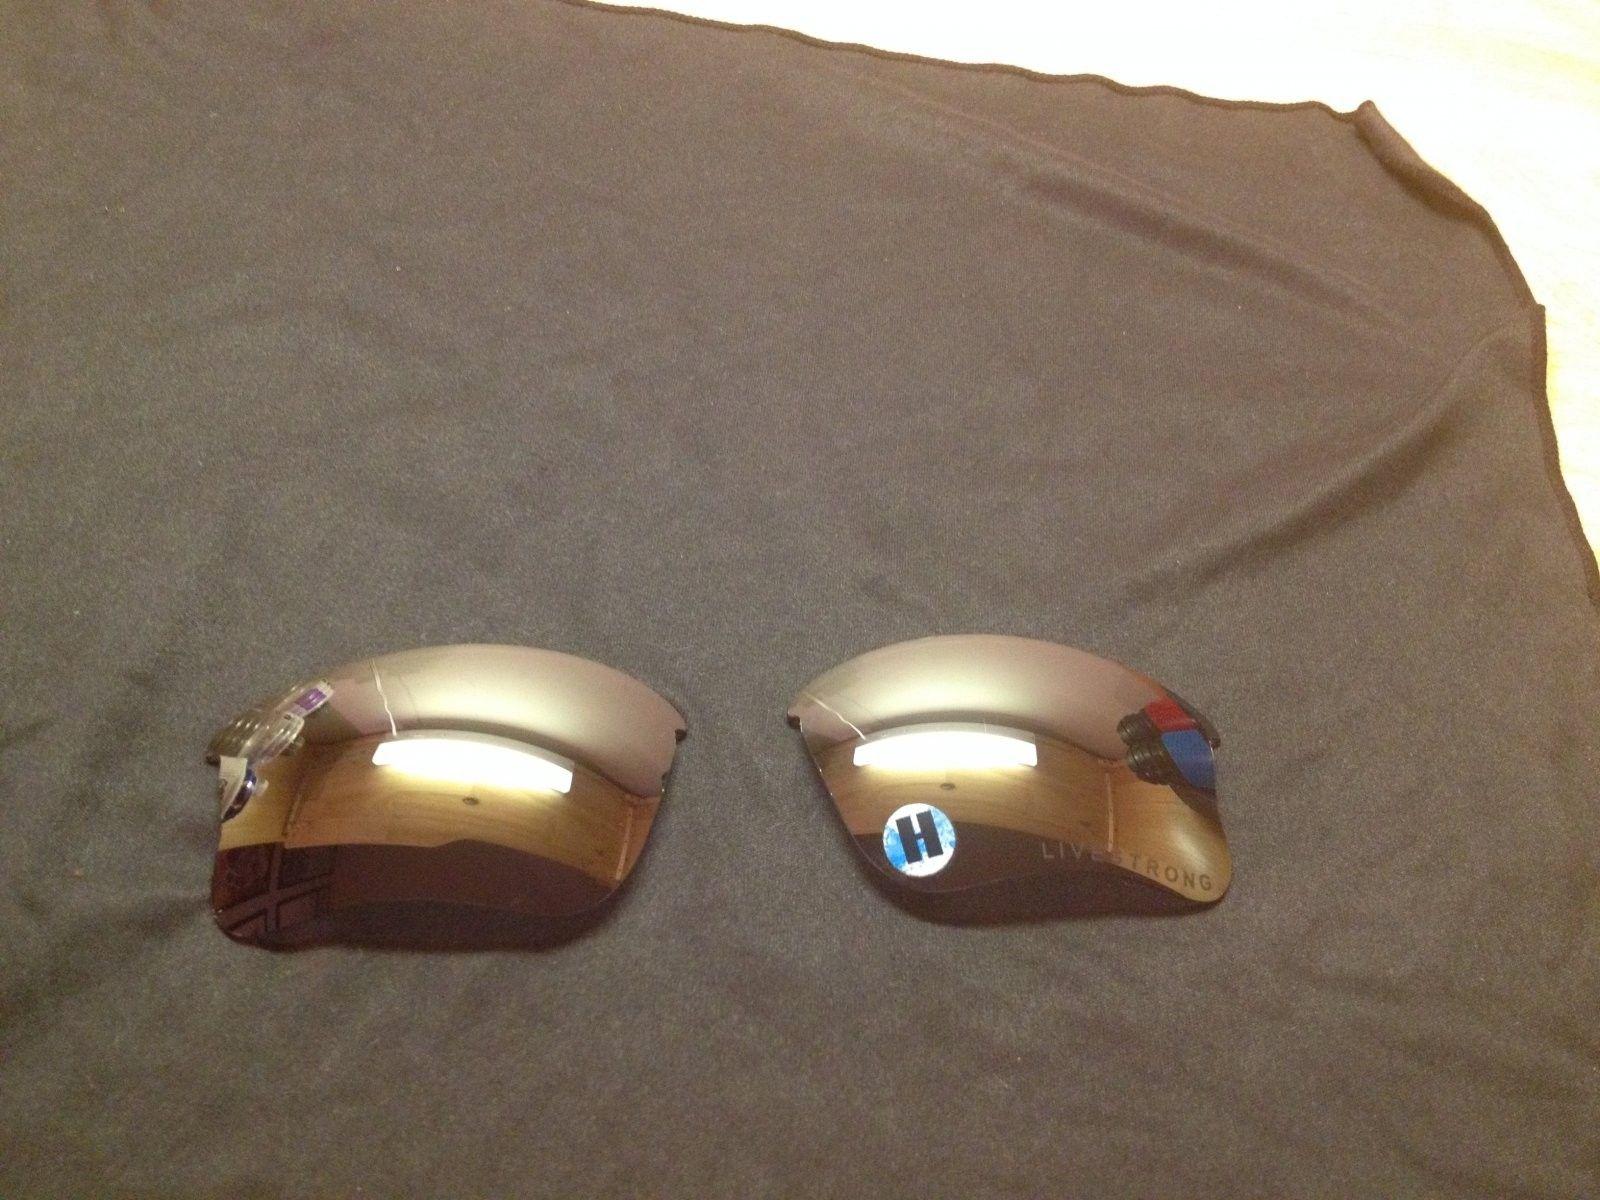 Frog LX Lenses, Flak Lenses, Fast Earsocks - IMG_5550.JPG